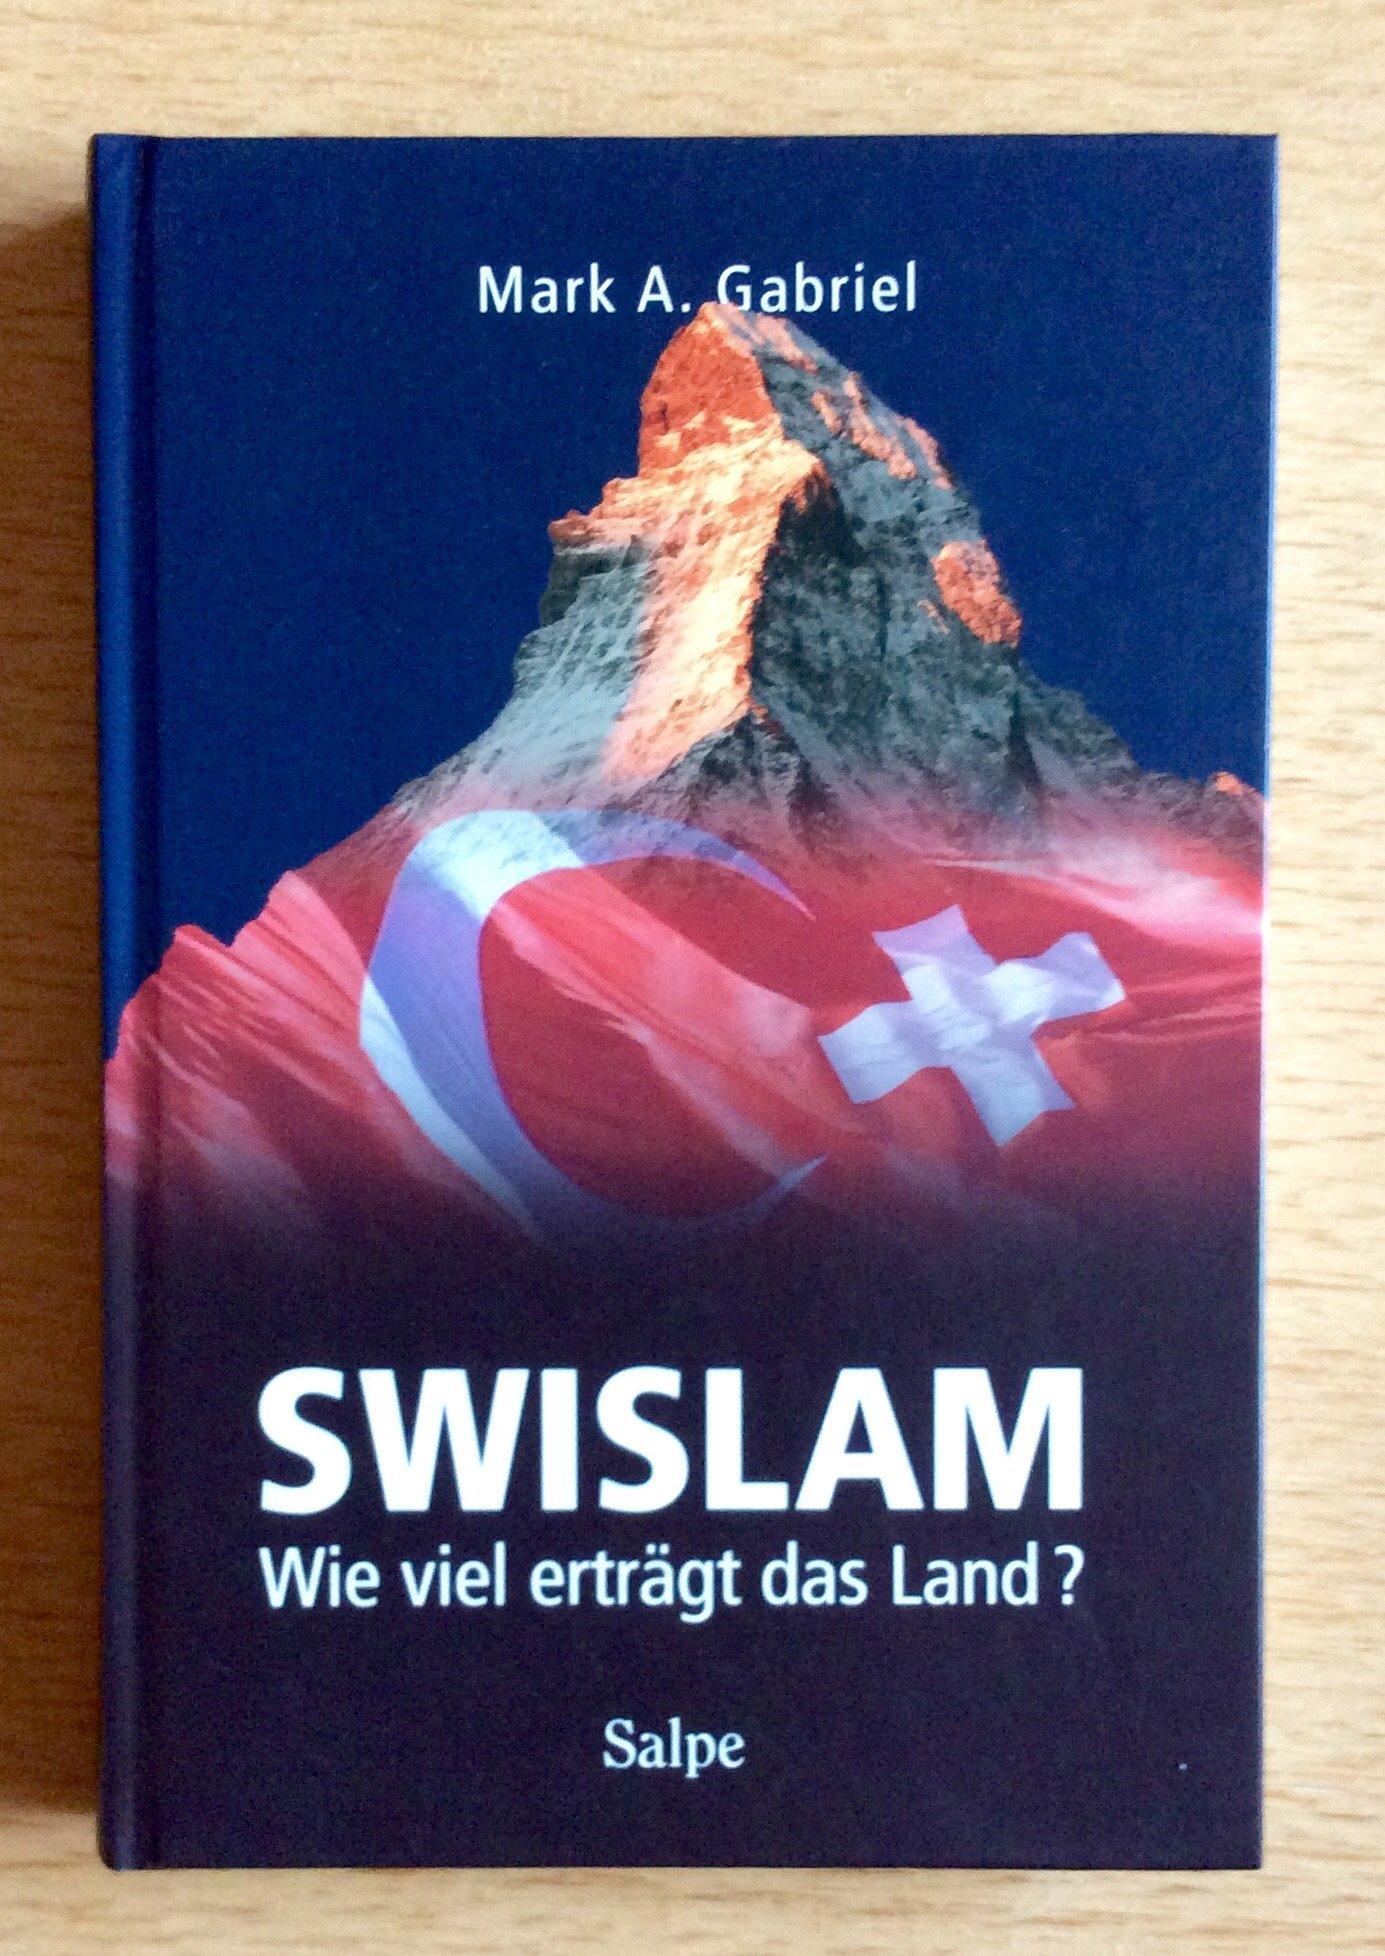 Swislam: Wie viel erträgt das Land?